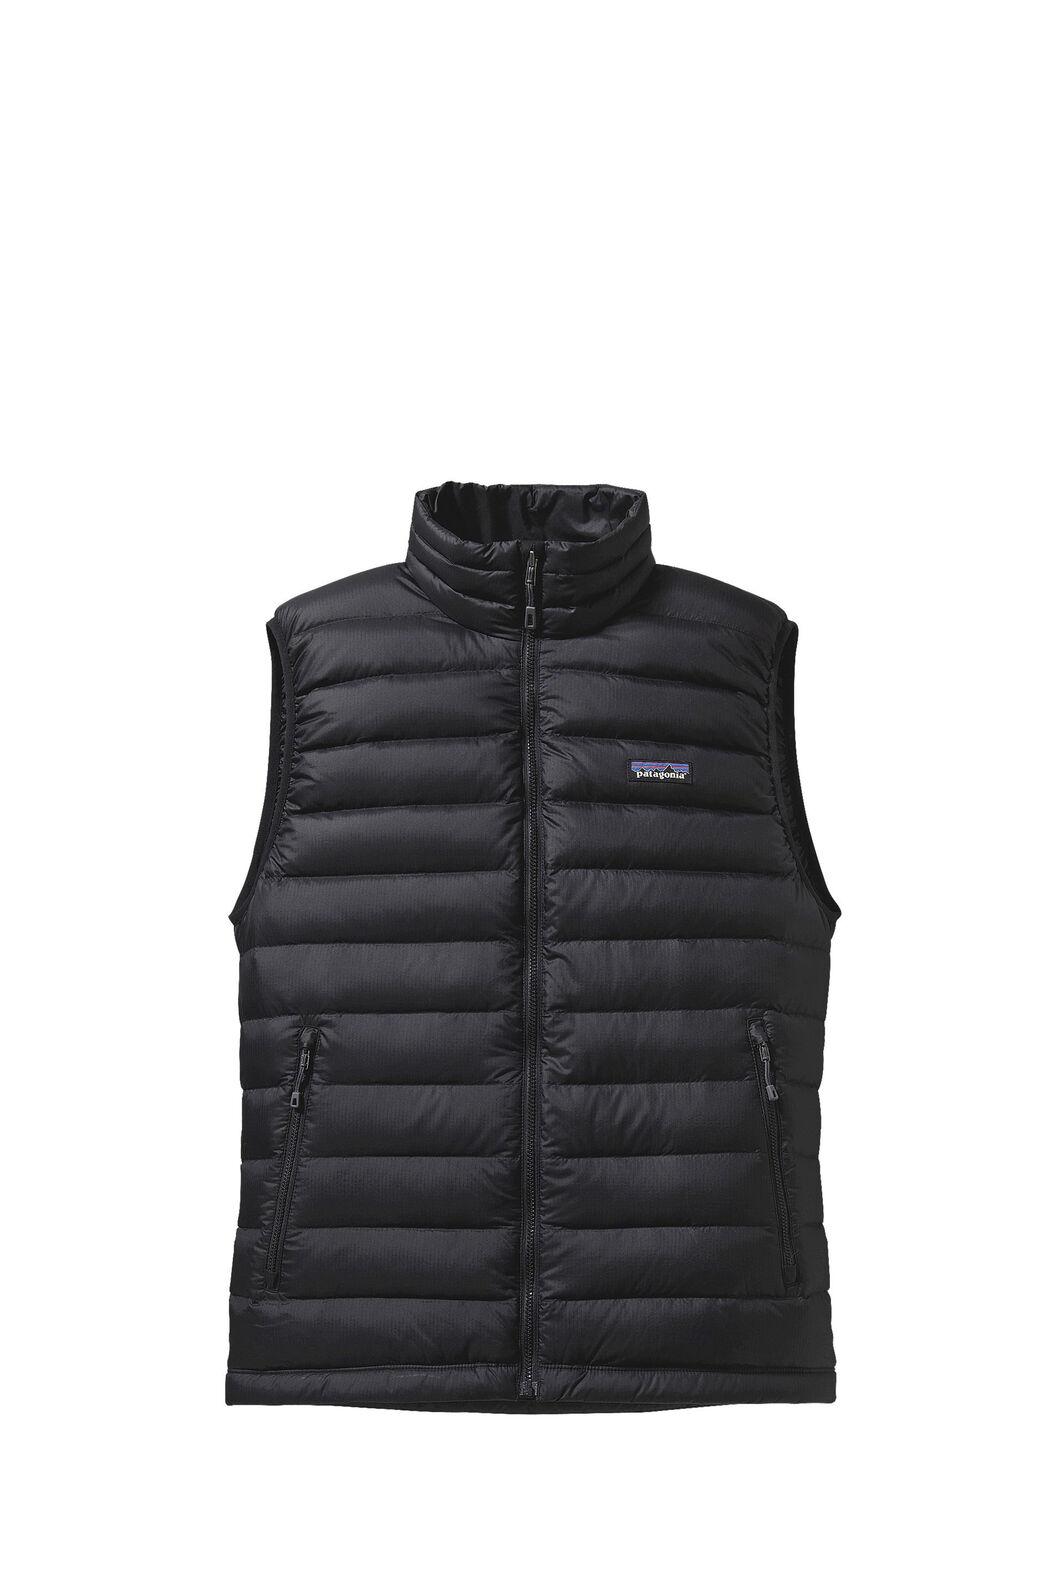 Patagonia Men's Down Sweater Vest, Black, hi-res